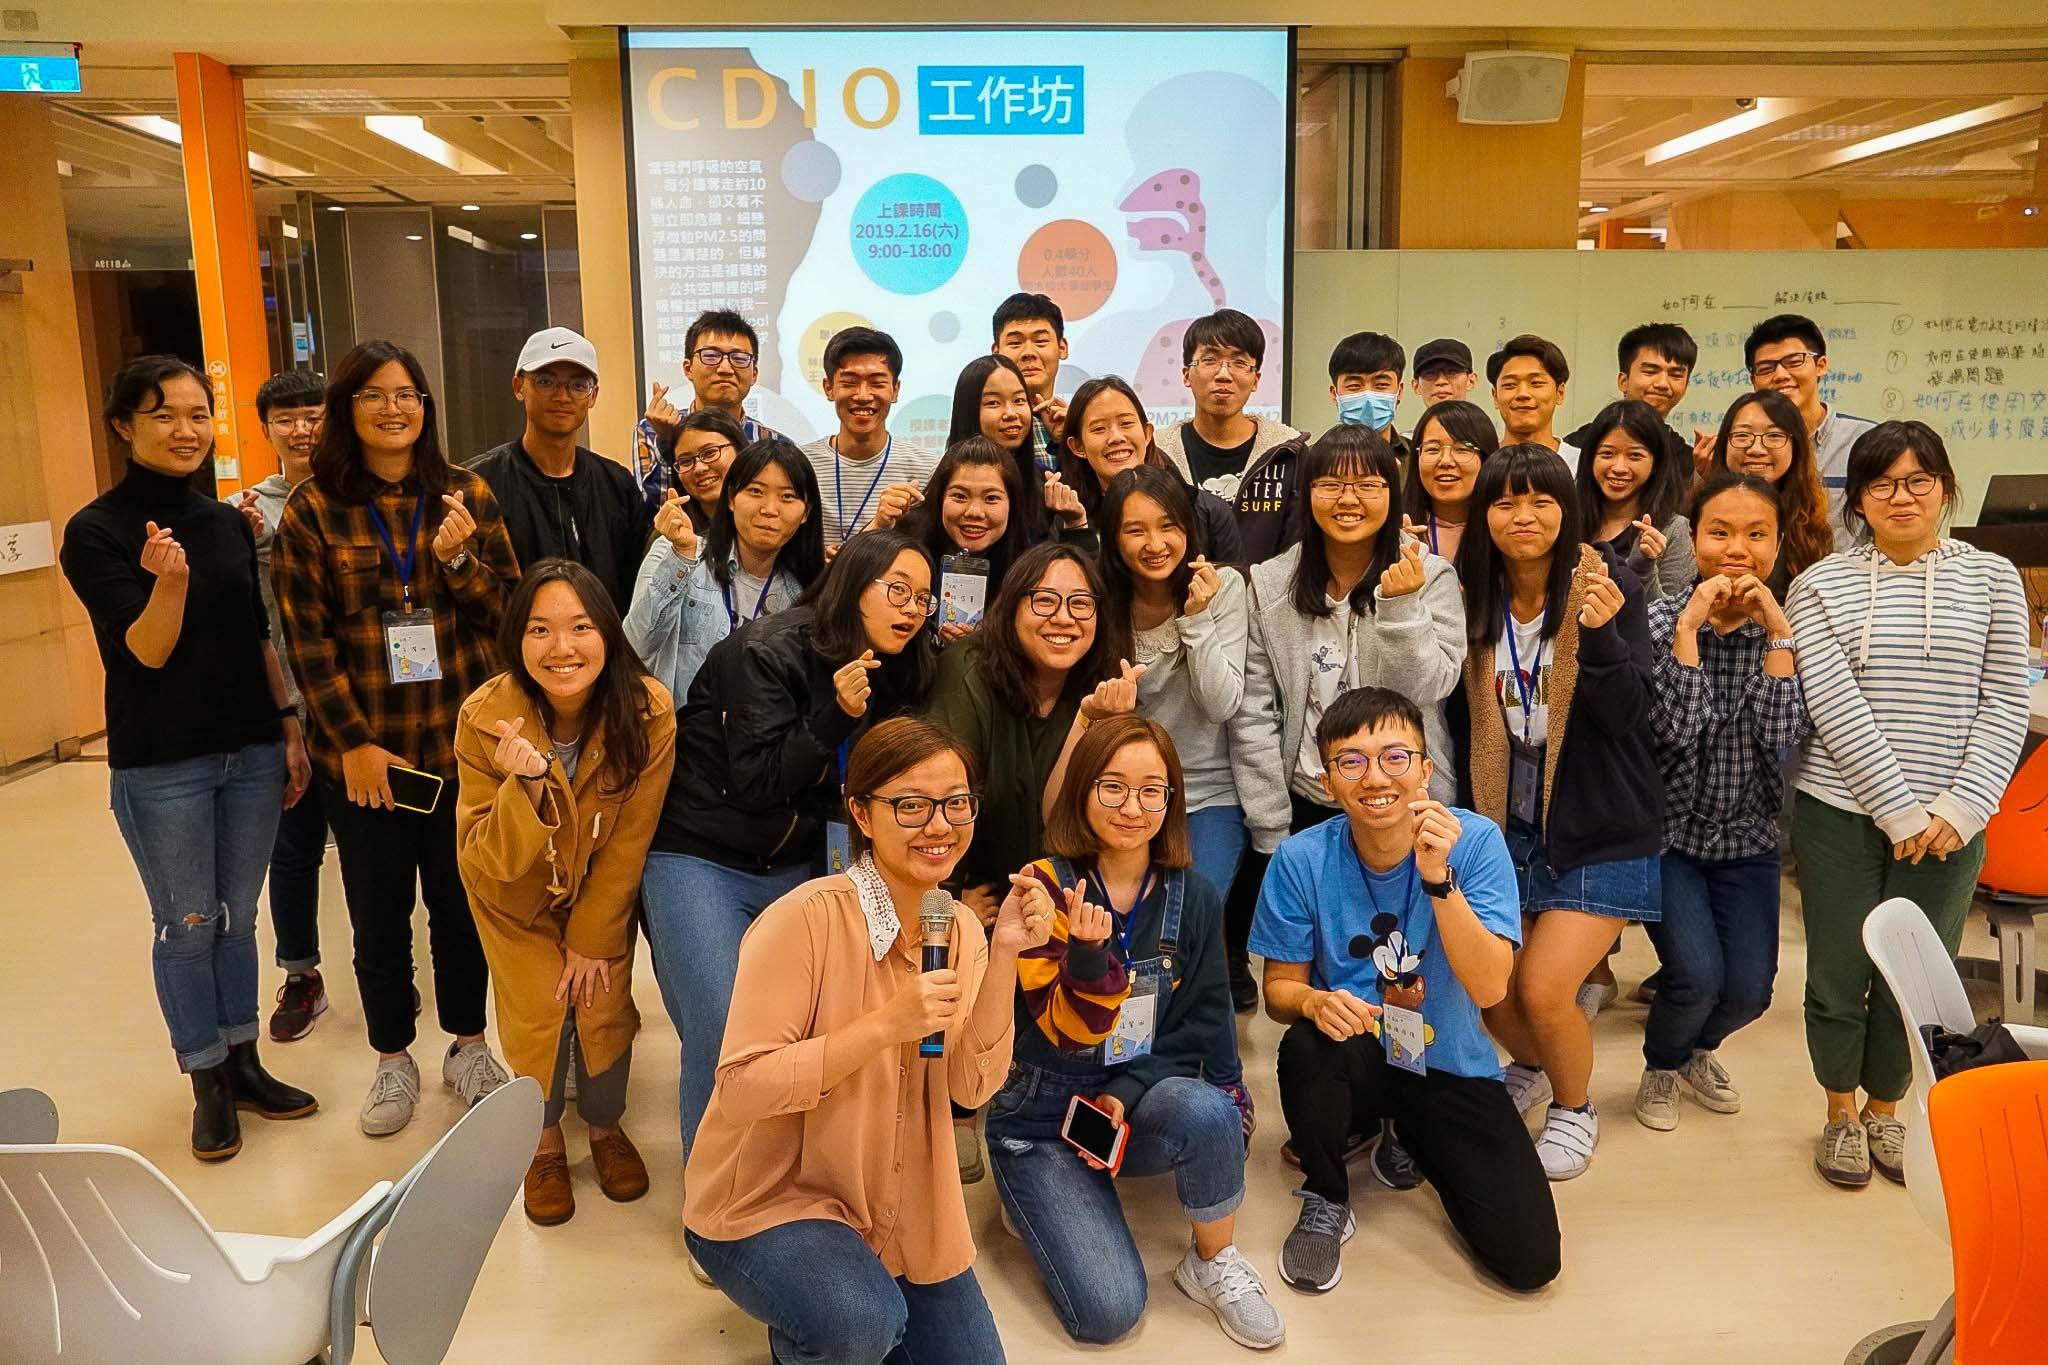 參與CDIO社會創新工作坊